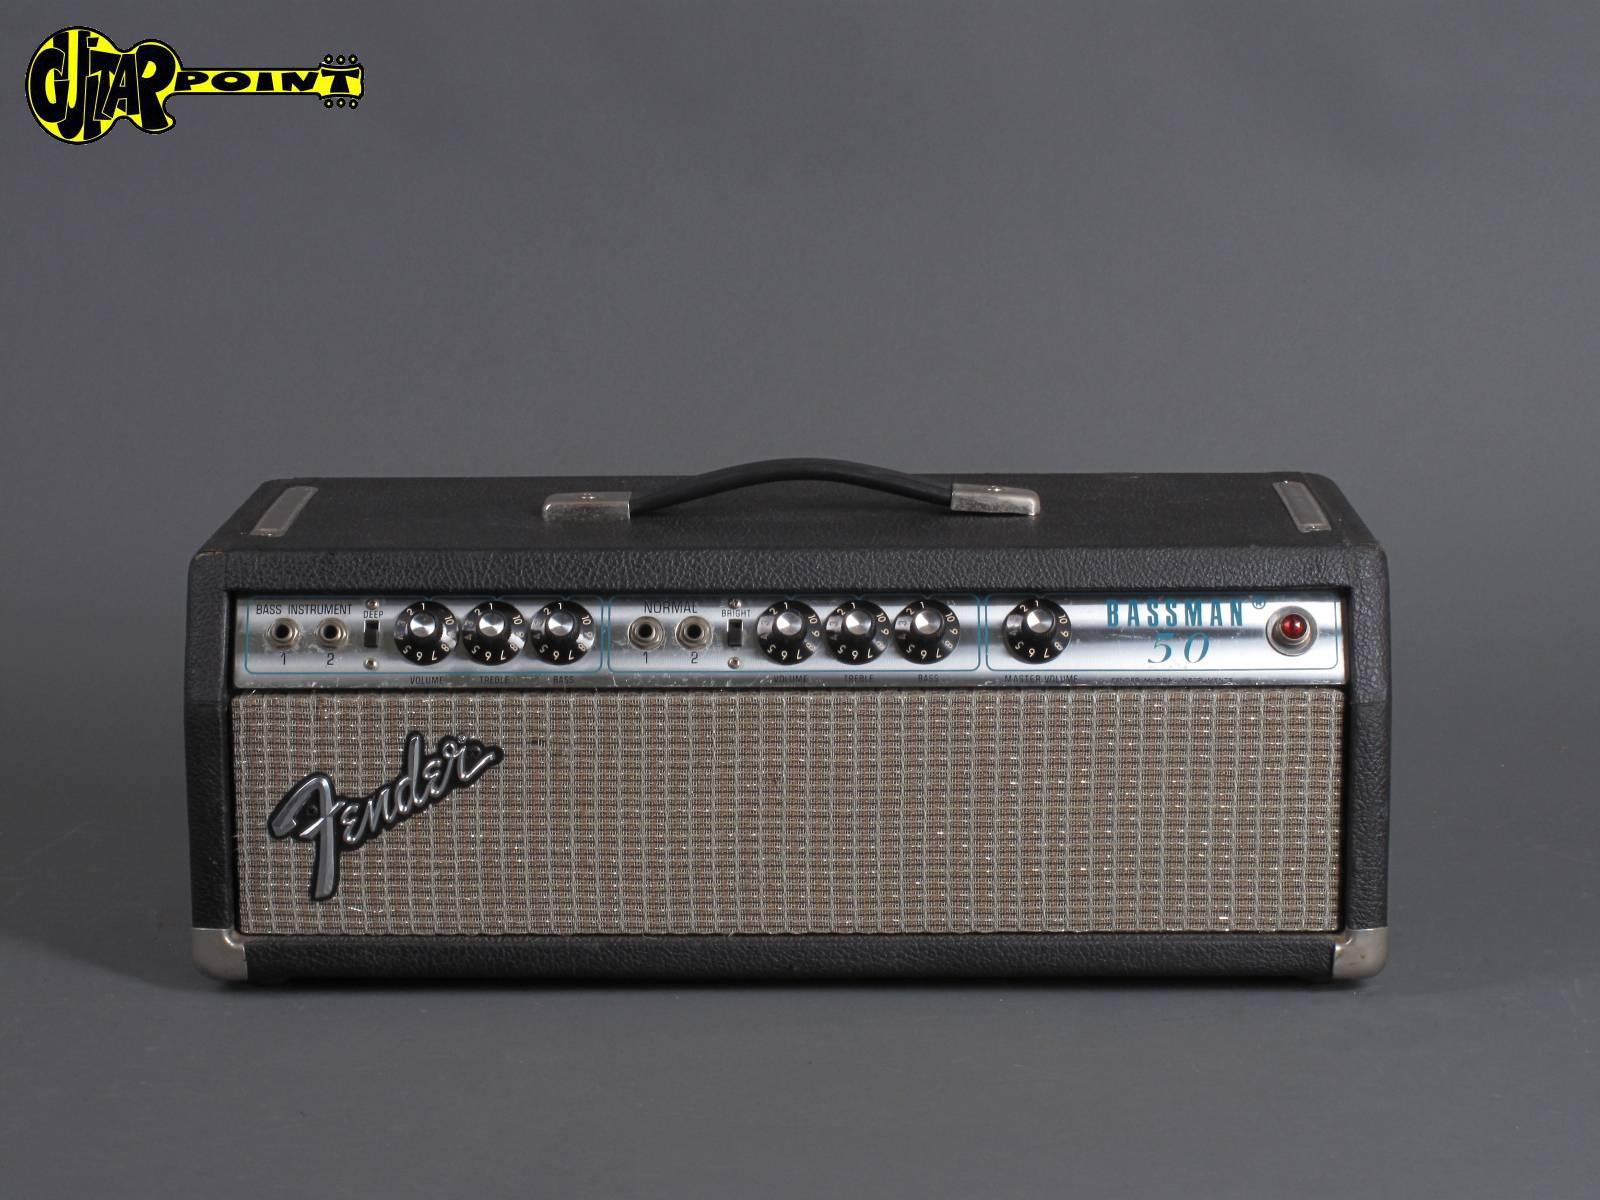 1976 Fender Bassman - 50Watt